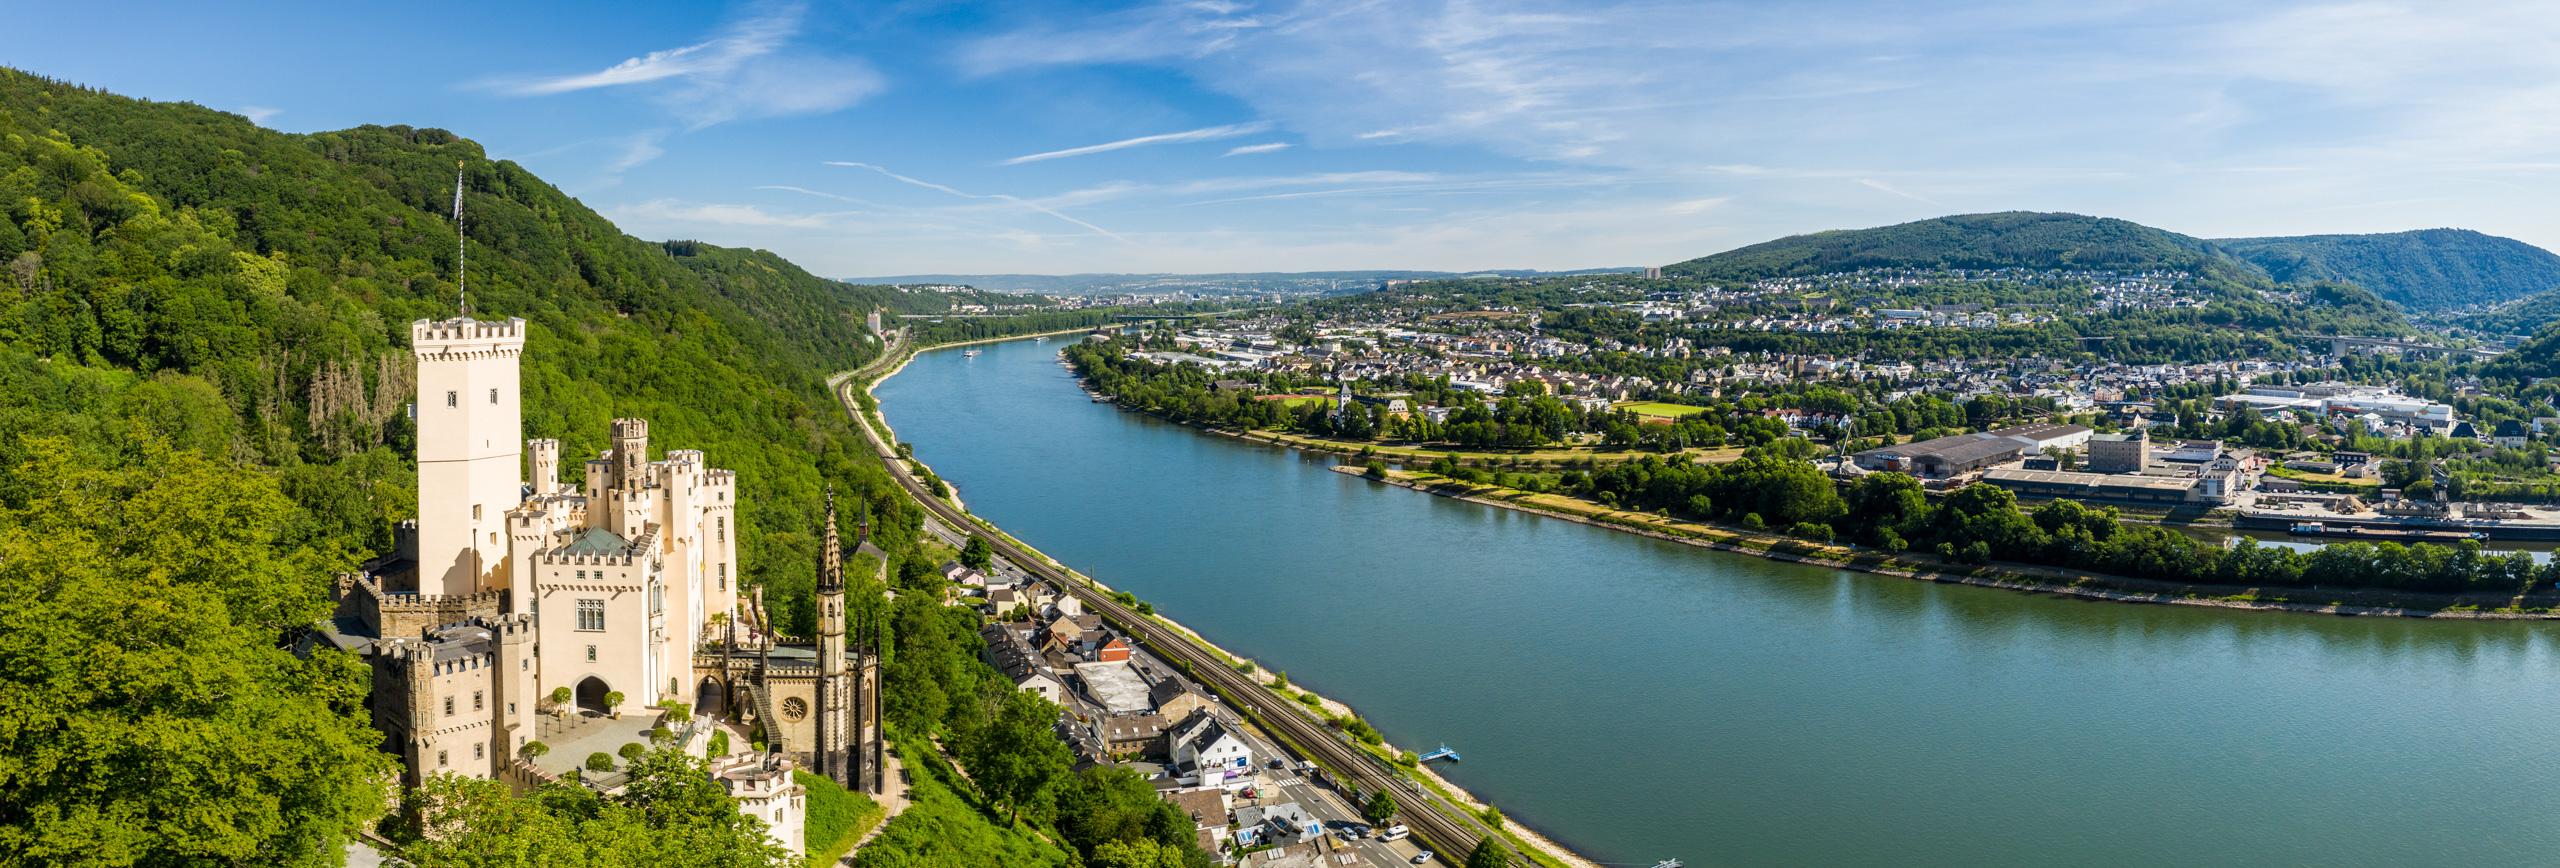 Blick auf Schloss Stolzenfels am Rhein, Koblenz